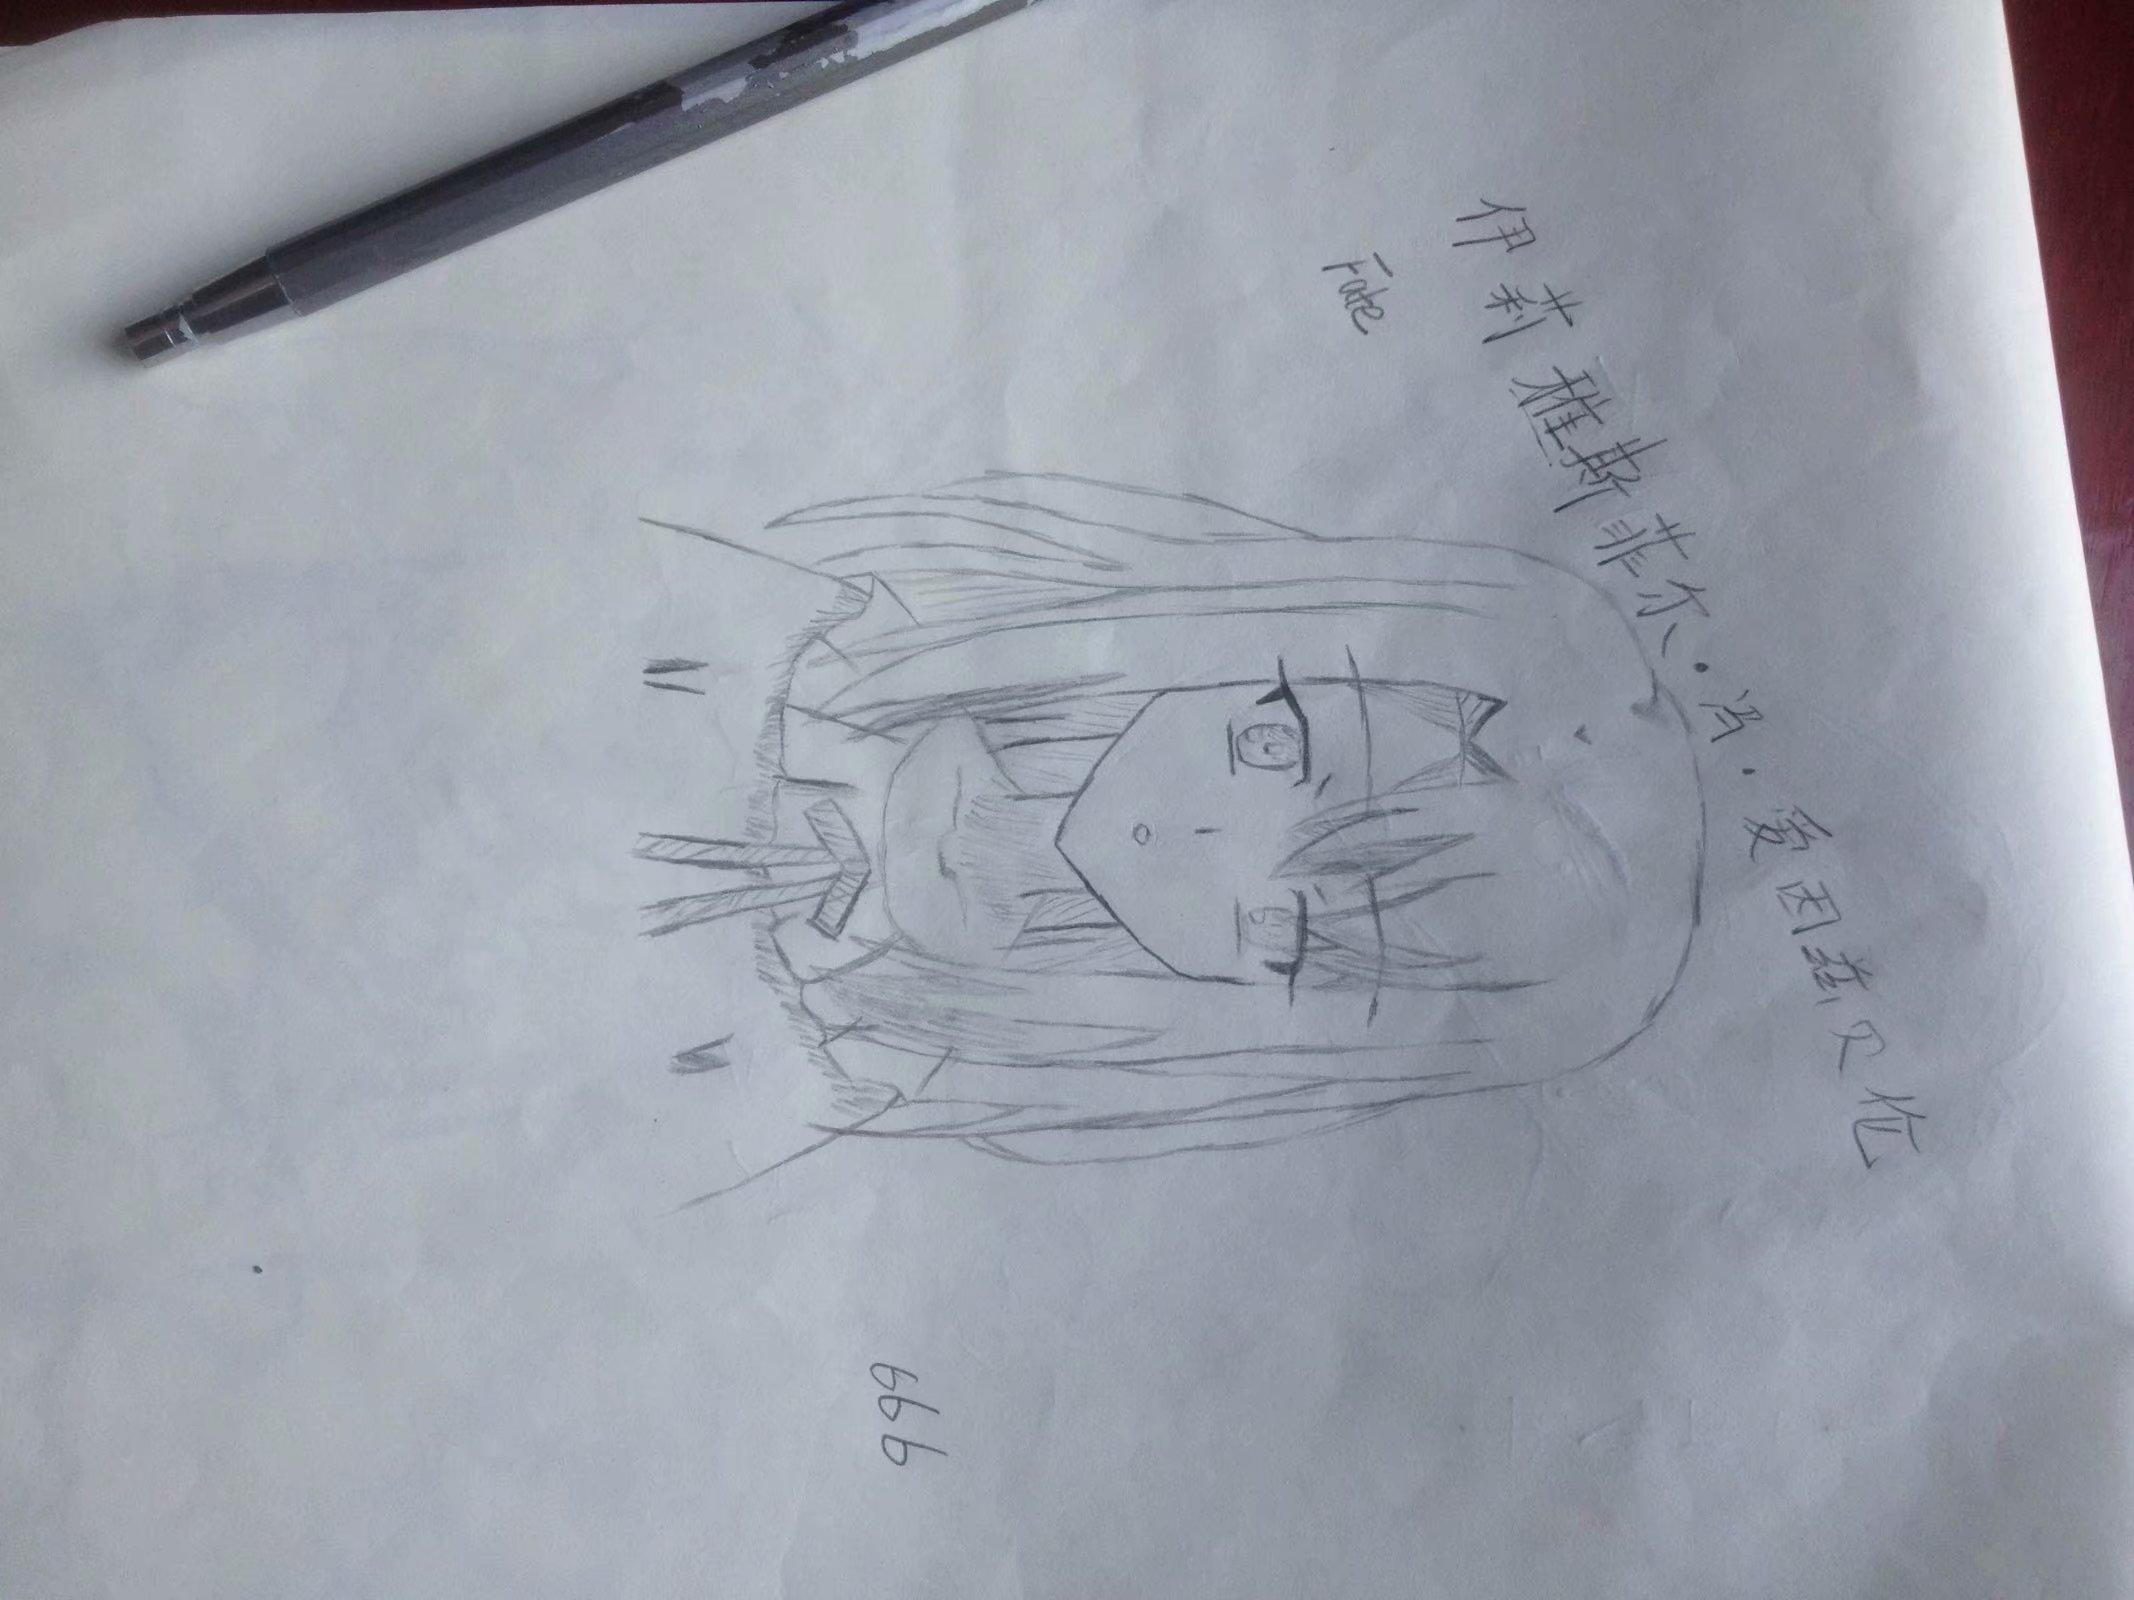 【手绘】鬼灭之刃,素描图